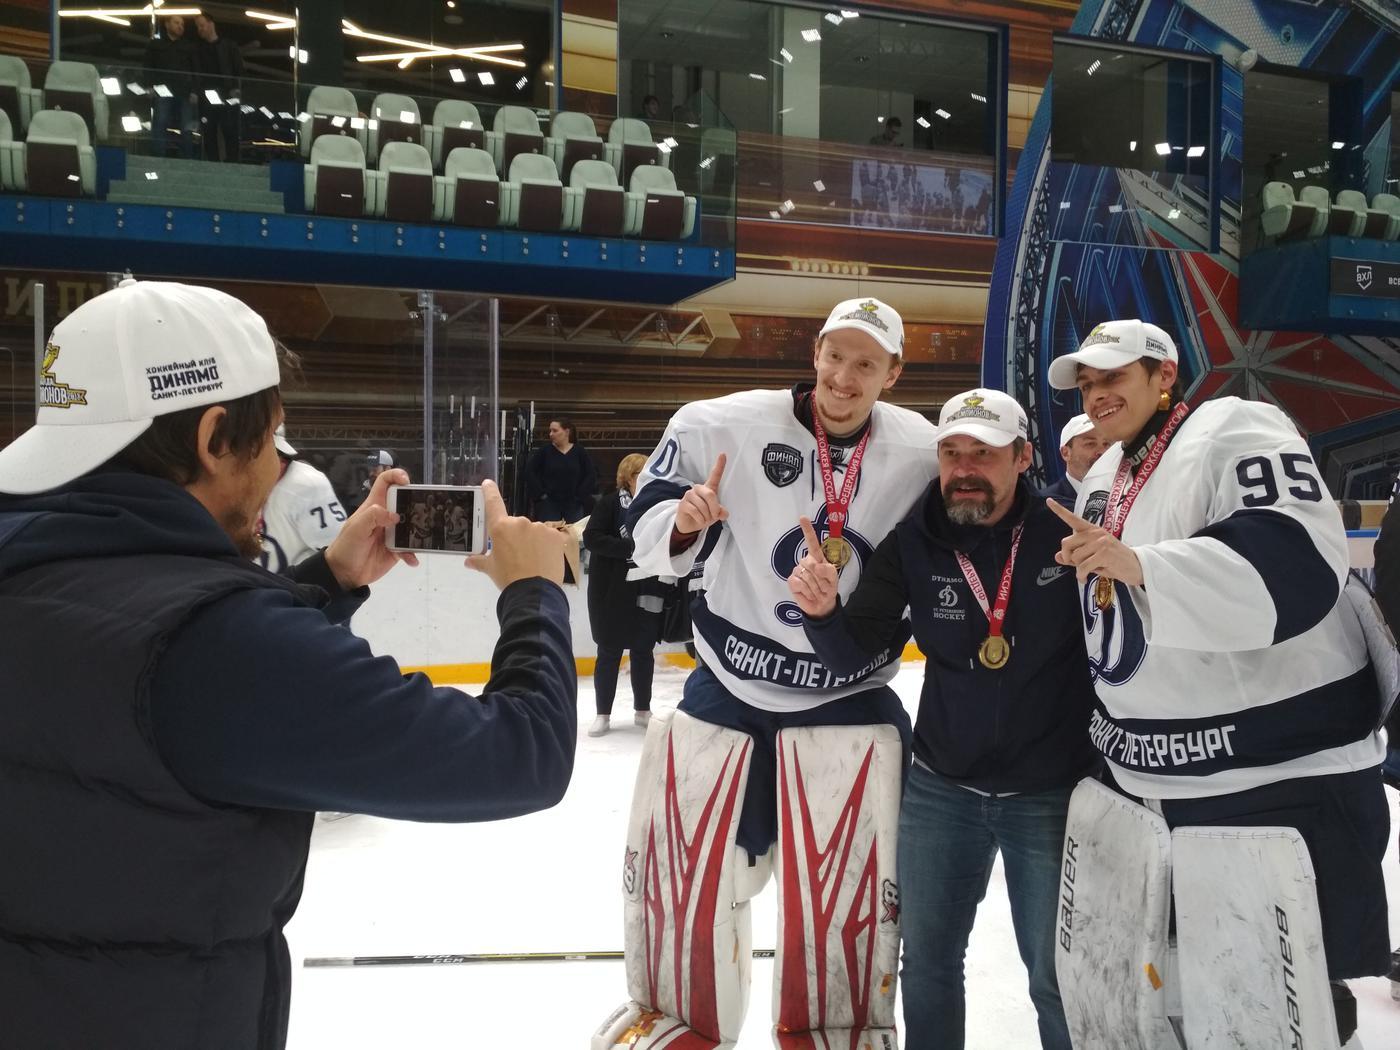 Осада крепости и рыцарский штурм. Питерское «Динамо» выиграло финальную серию ВХЛ - фото